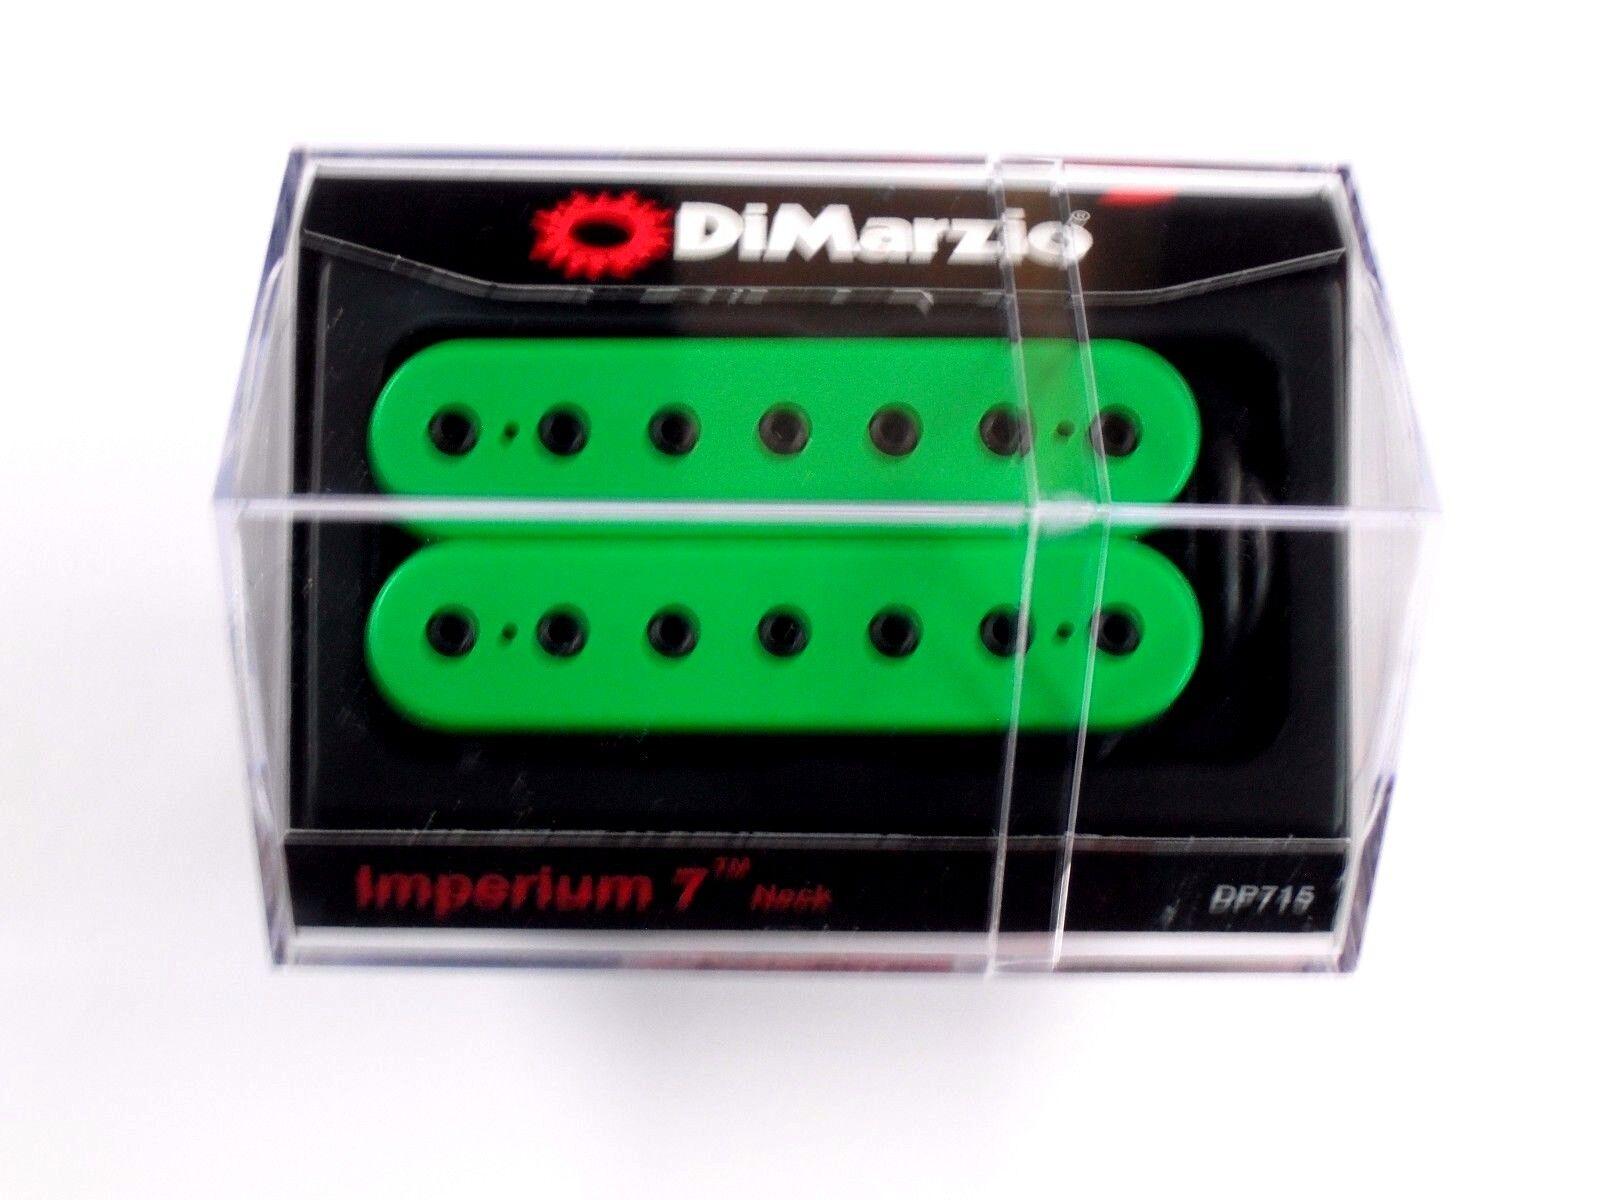 Dimarzio Imperium 7 cuerdas con mástil Humbucker Humbucker Humbucker verde con postes de Negro DP 715  calidad garantizada